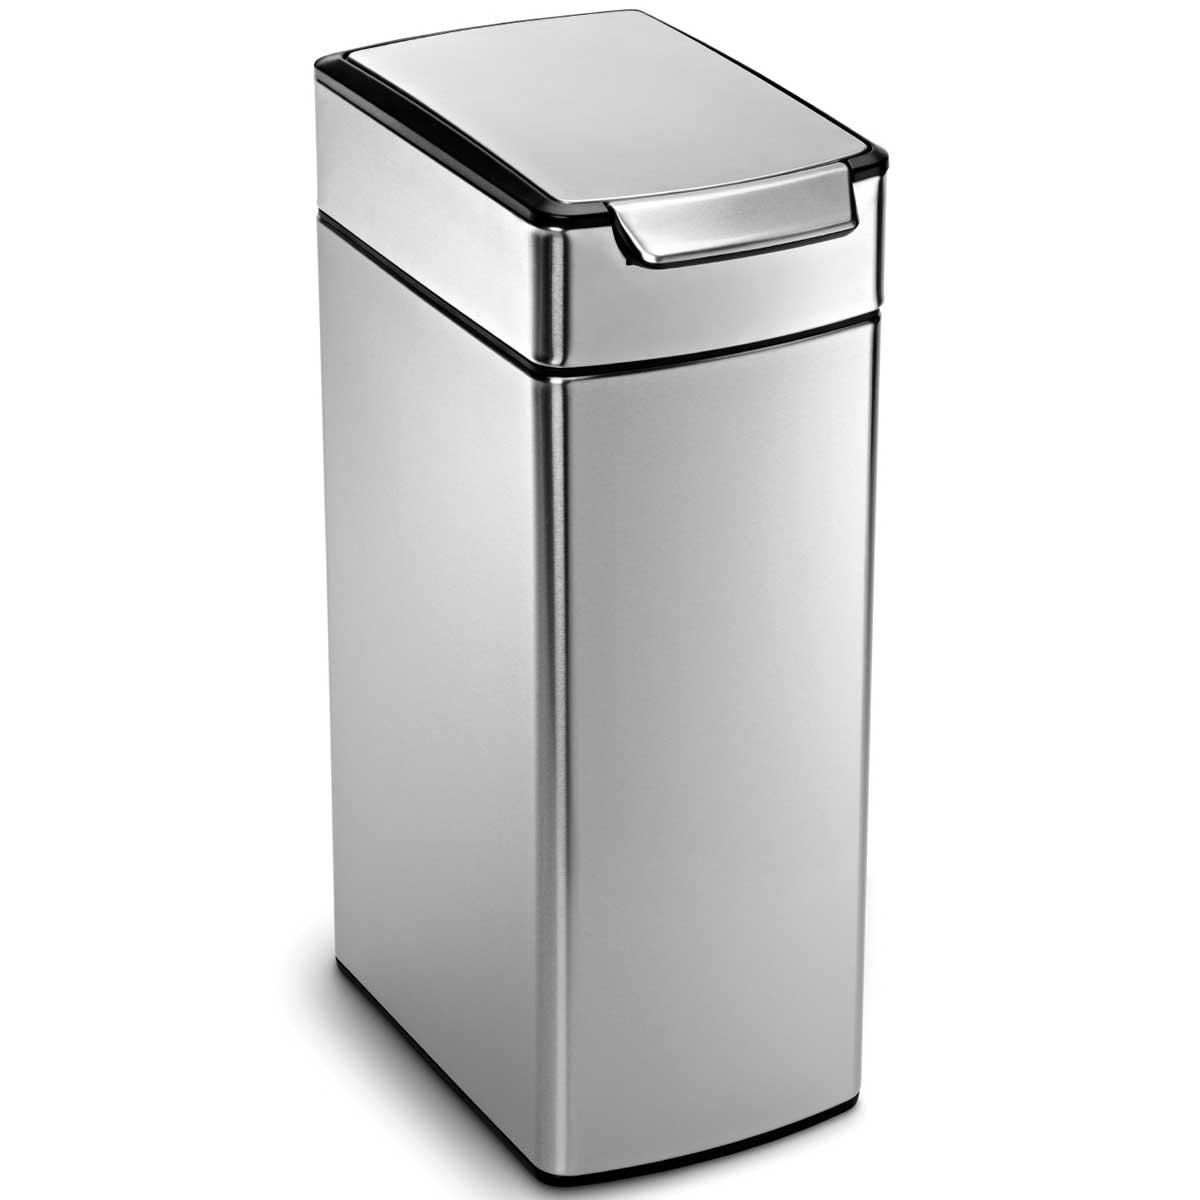 【送料無料】simplehumanのゴミ箱、タッチバーカン ふた付き CW2016 スリム 角型40Lがおしゃれ! simplehuman ゴミ箱 タッチバーカン ふた付き ダストボックス ごみ箱 シンプルヒューマン 正規品 メーカー保証付き CW2016 スリム 角型40L